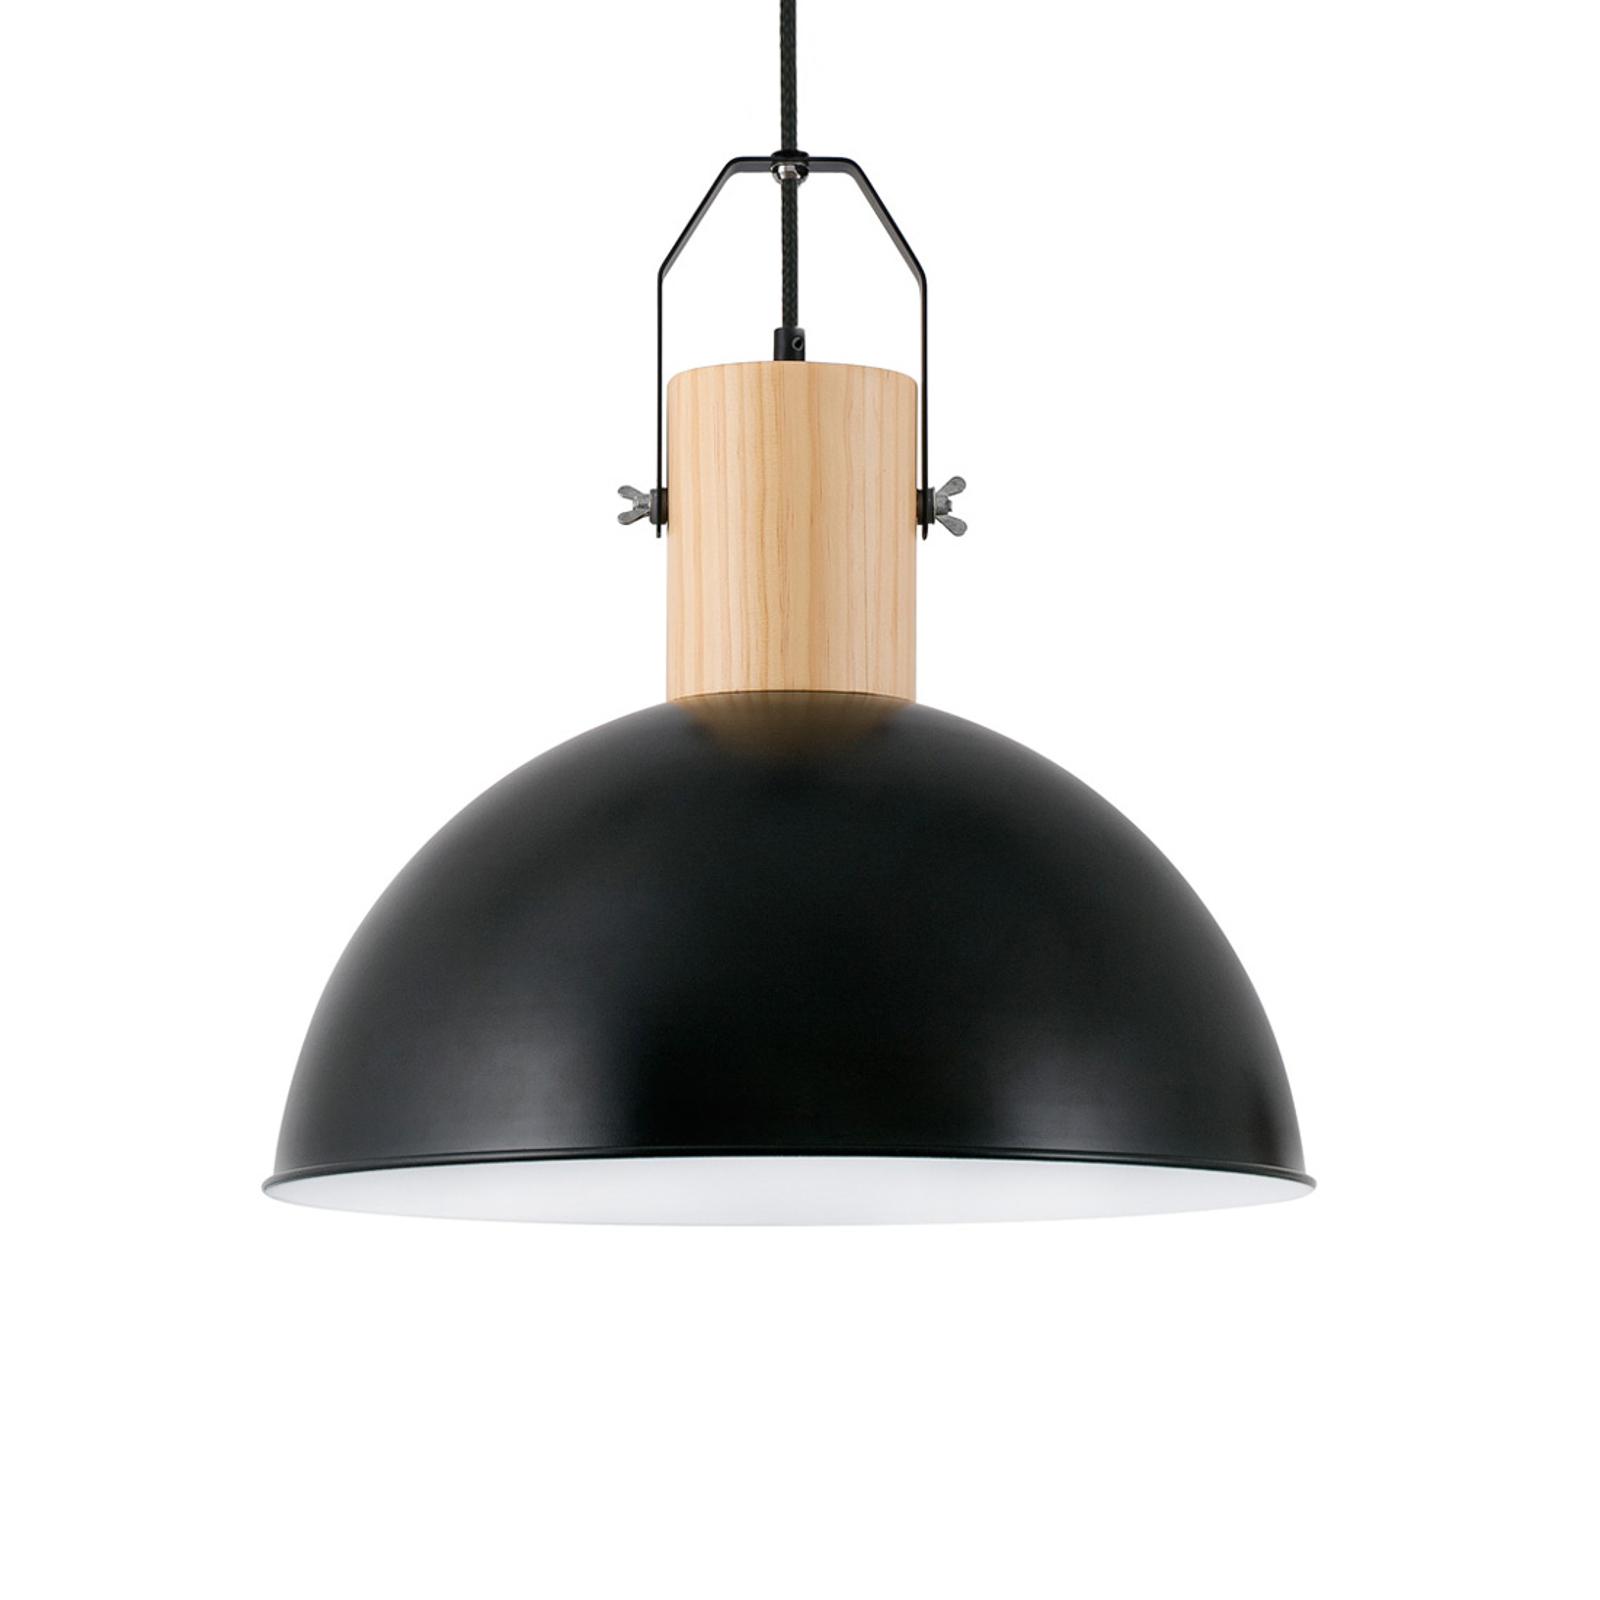 Lampa wisząca Margot z metalu, czarna